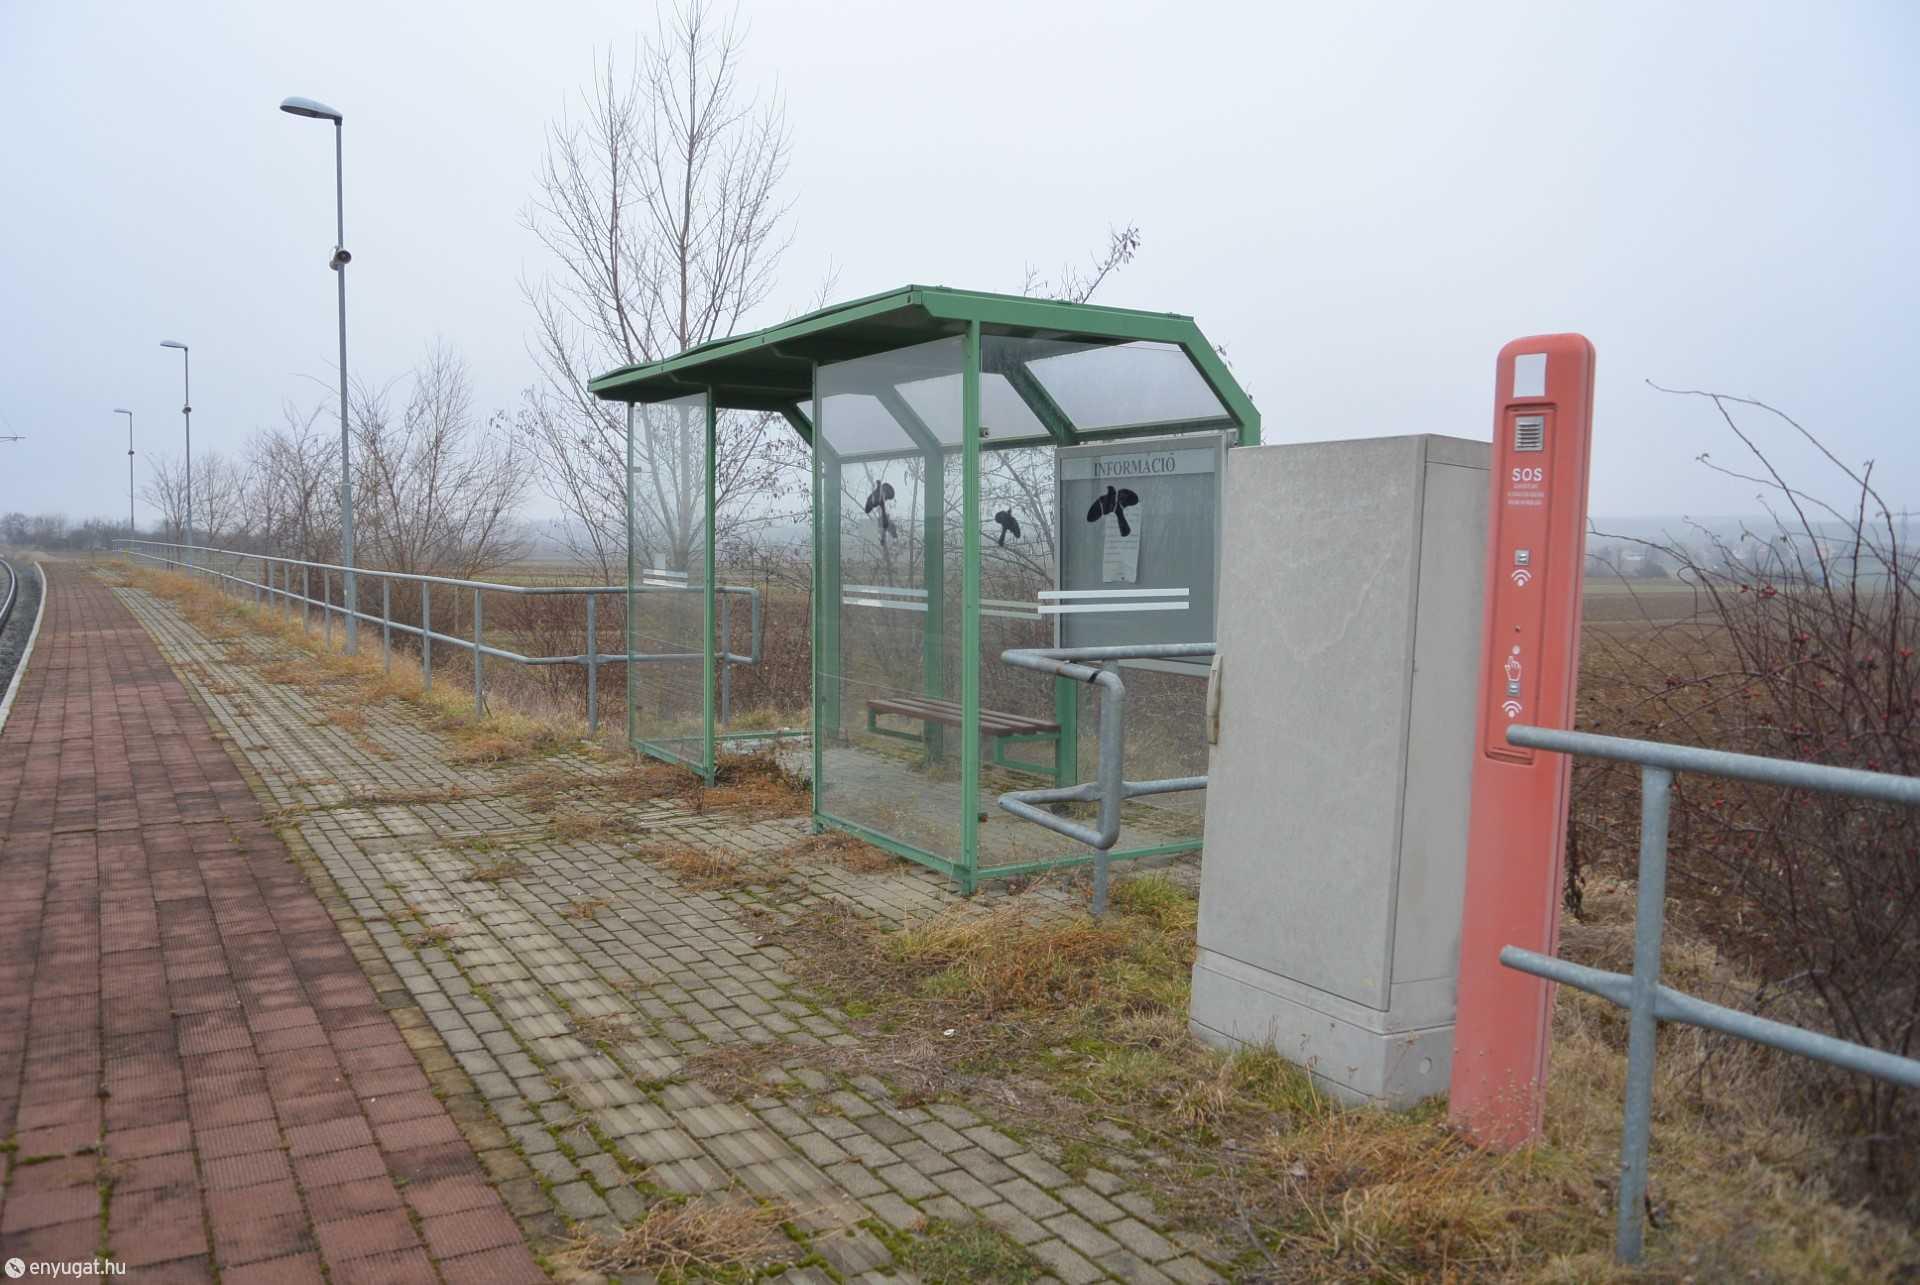 Pereszteg megállóhely, a vonatok csak áthaladnak